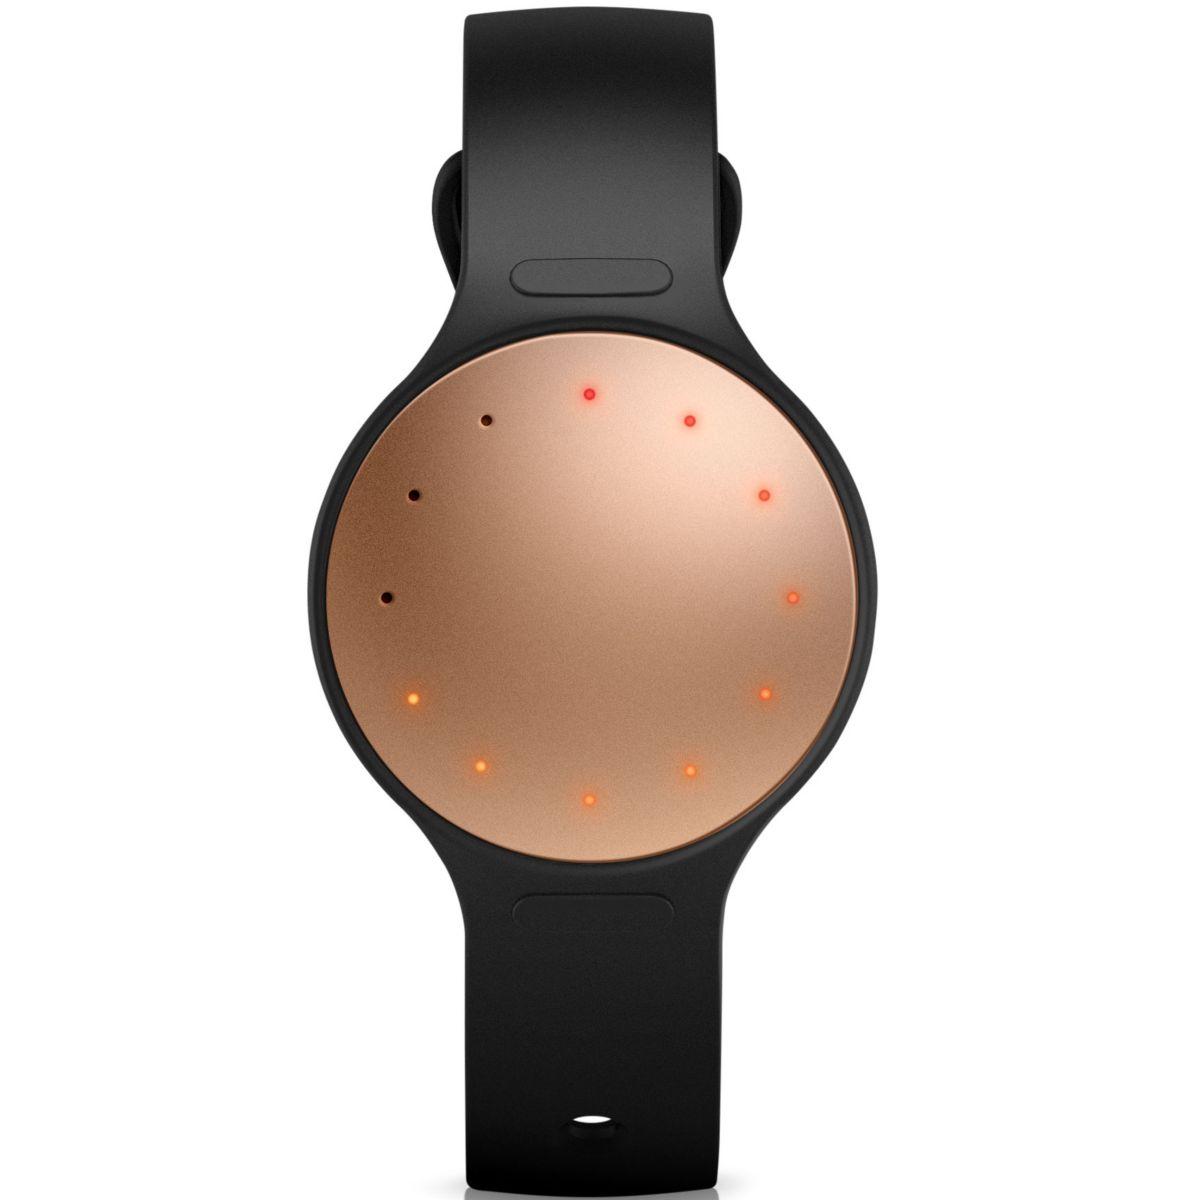 Tracker MISFIT Shine 2 Rose Gold